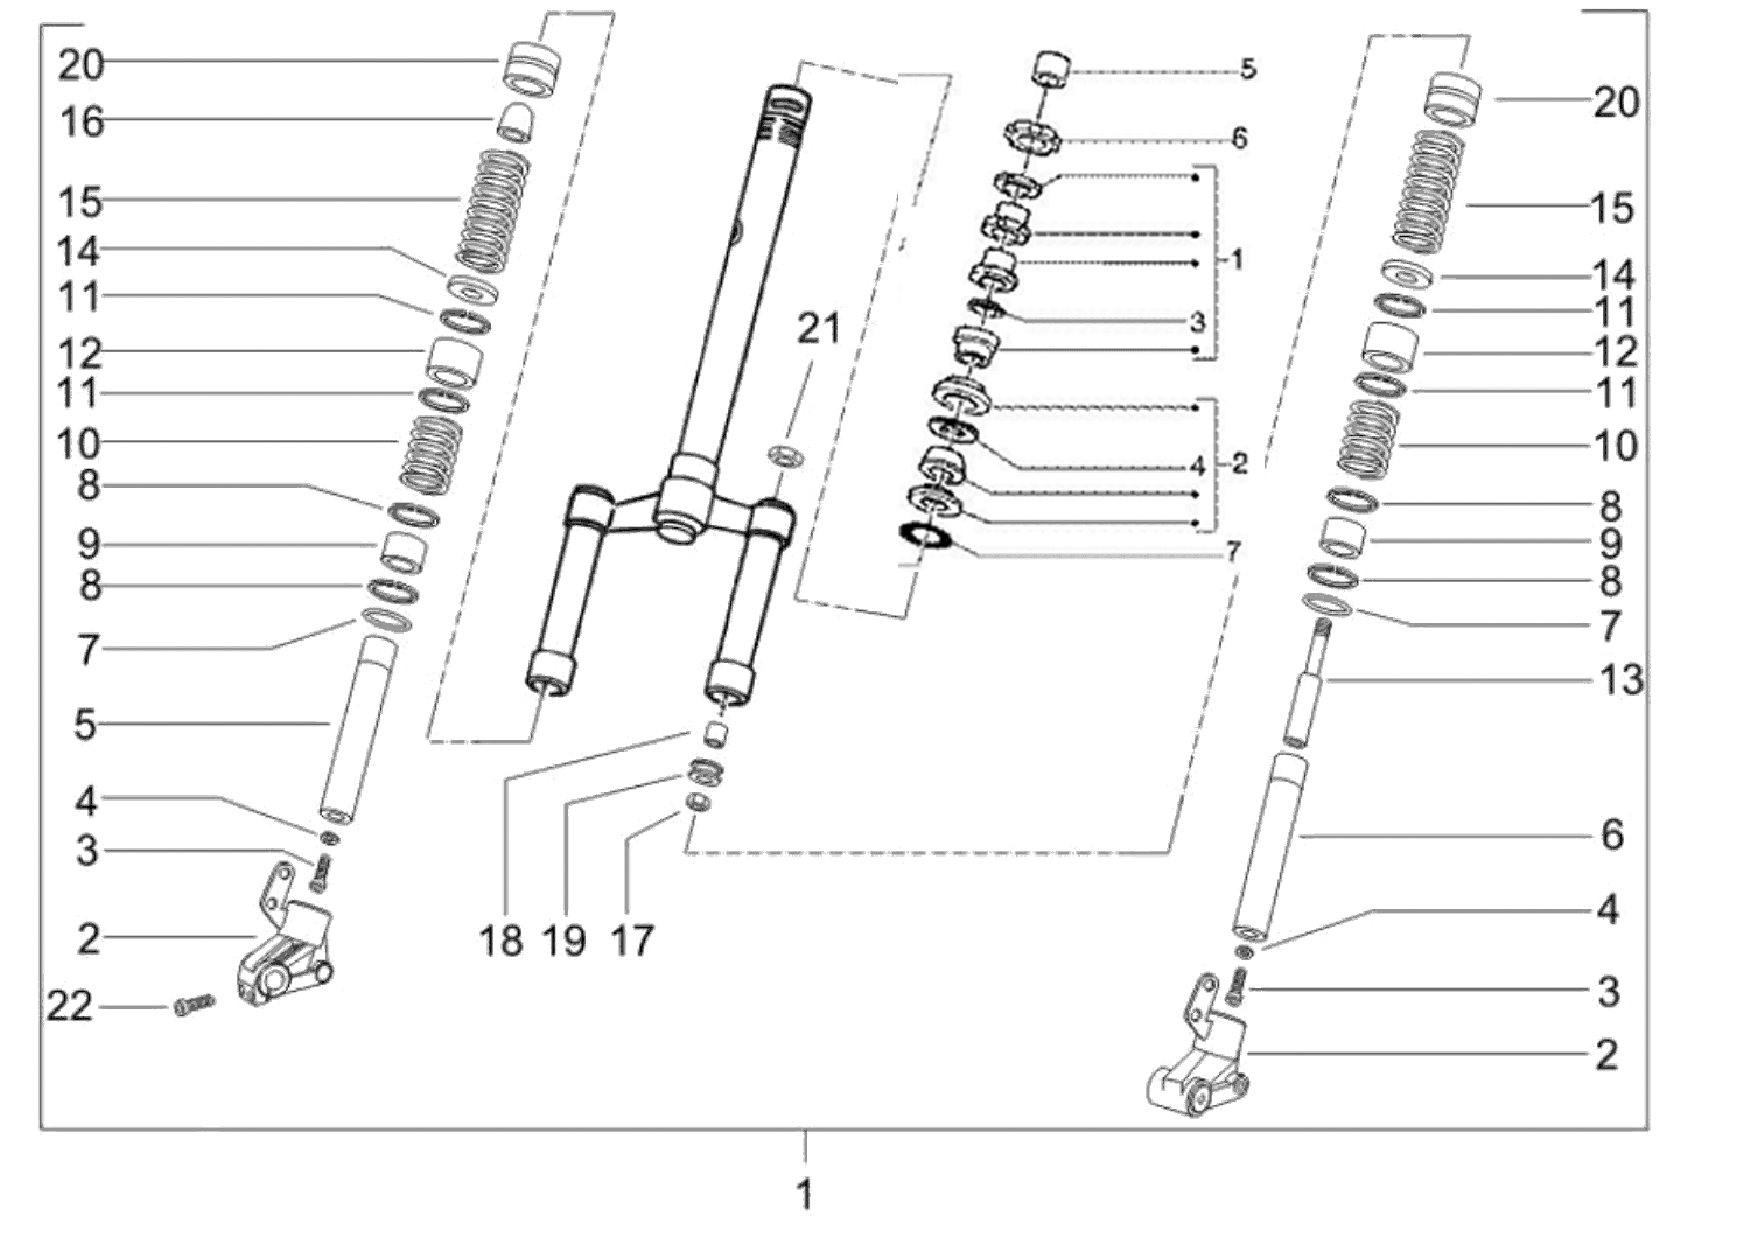 Vorderradgabel, Lenkkopflager (97-99)